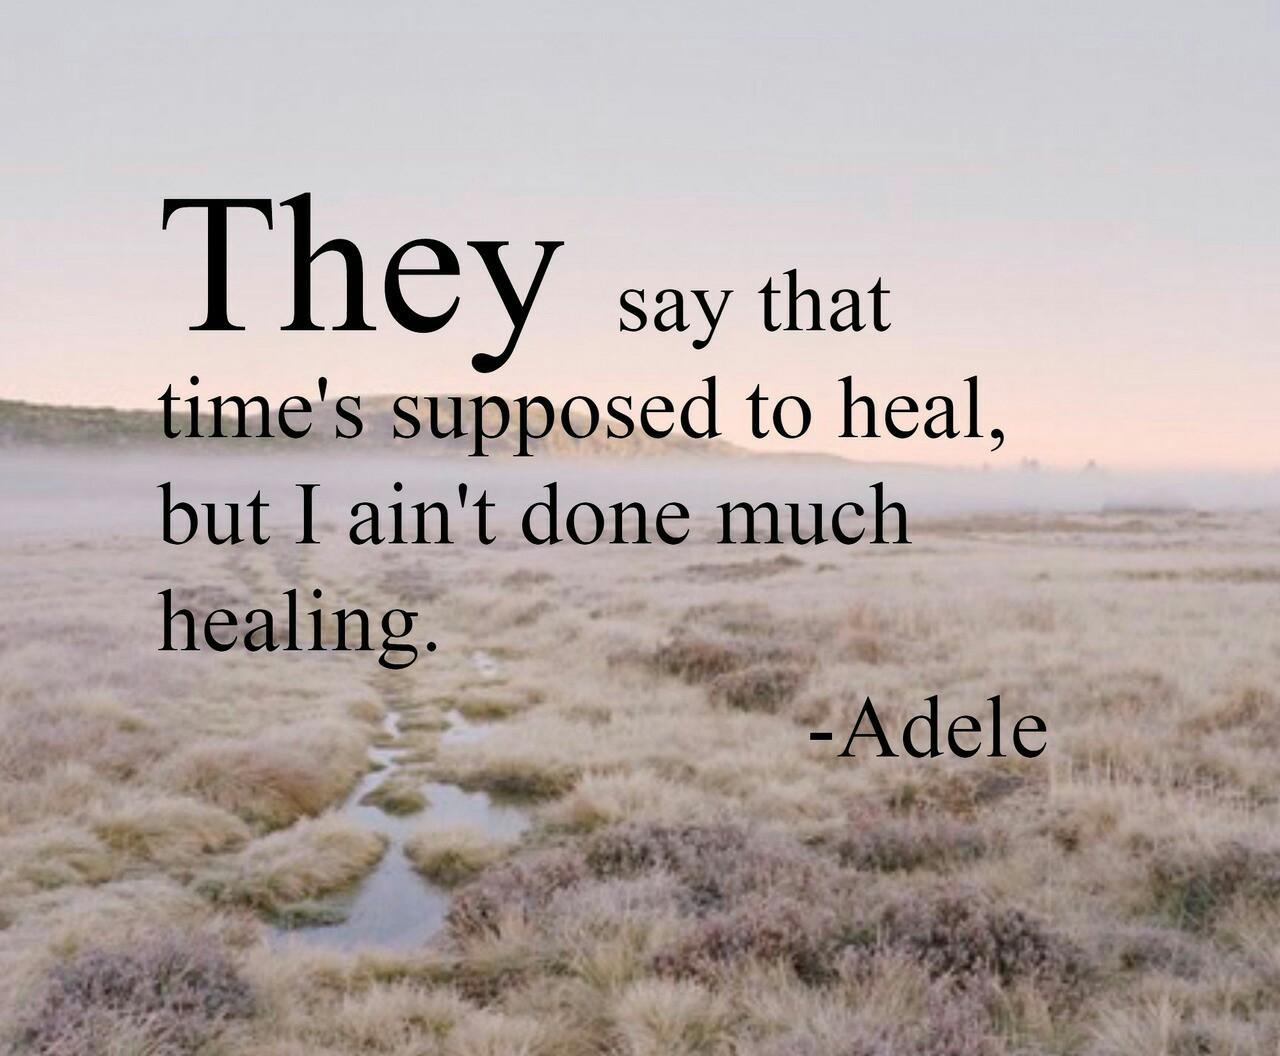 Adele and Lyrics image